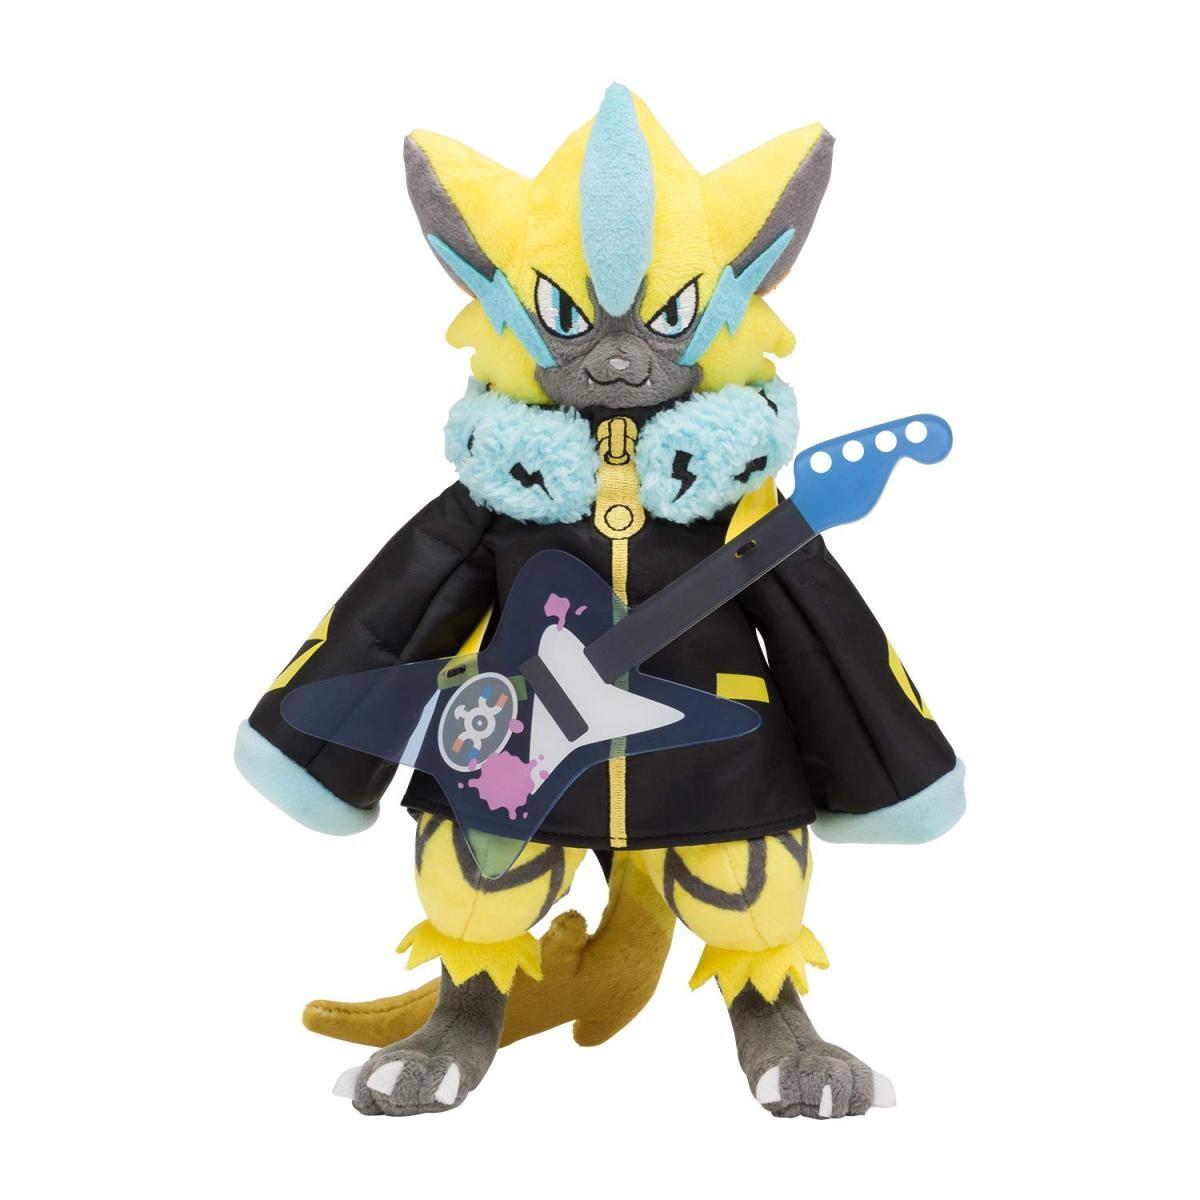 ポケモンセンターオリジナル ぬいぐるみ ポケモンバンドフェス (ゼラオラ)の商品画像 ナビ